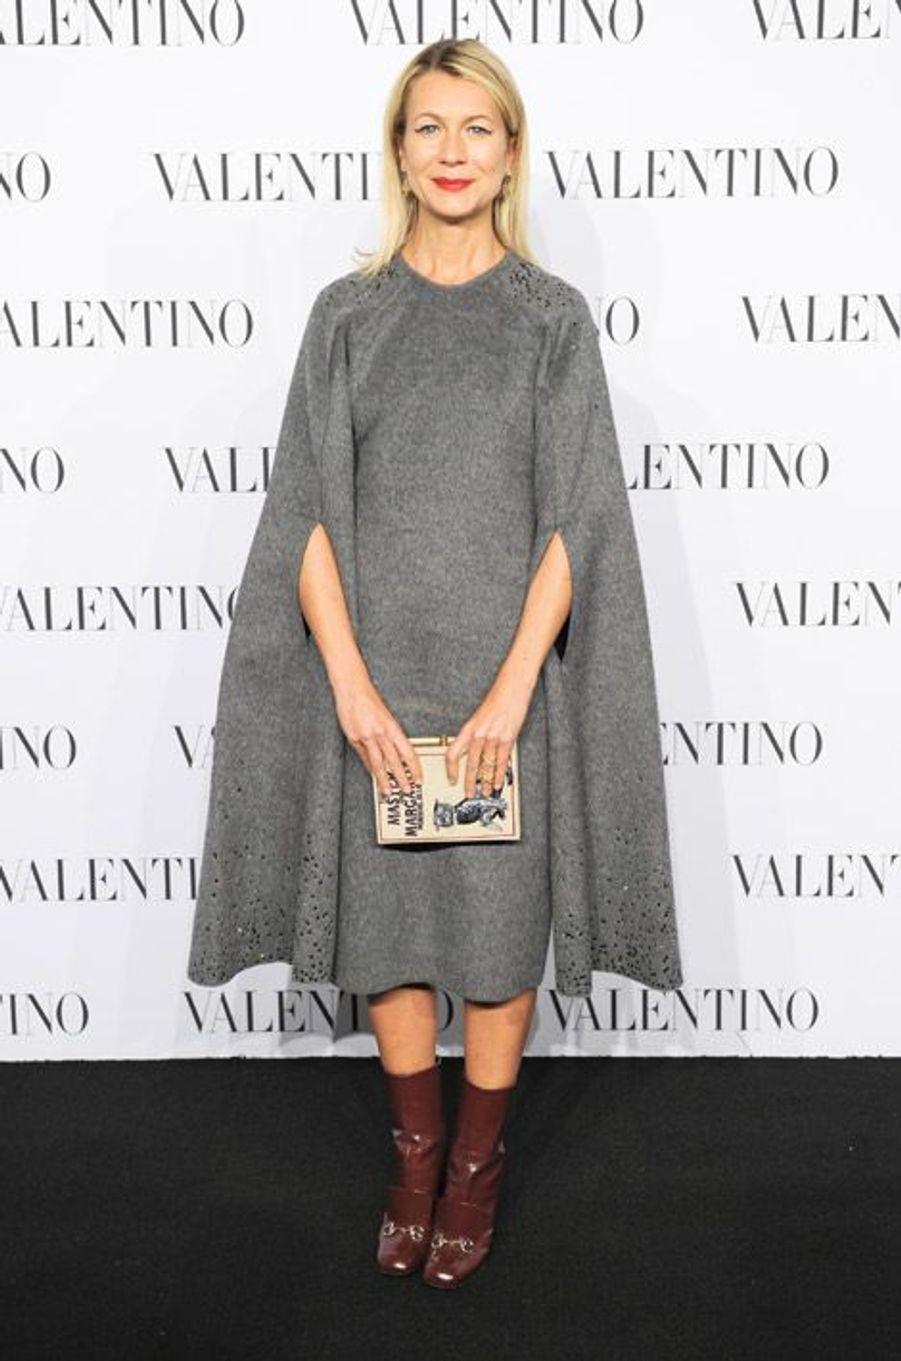 La styliste Natalie Joos lors de la soirée Valentino Sala Biance à new York, le 11 décembre 2014